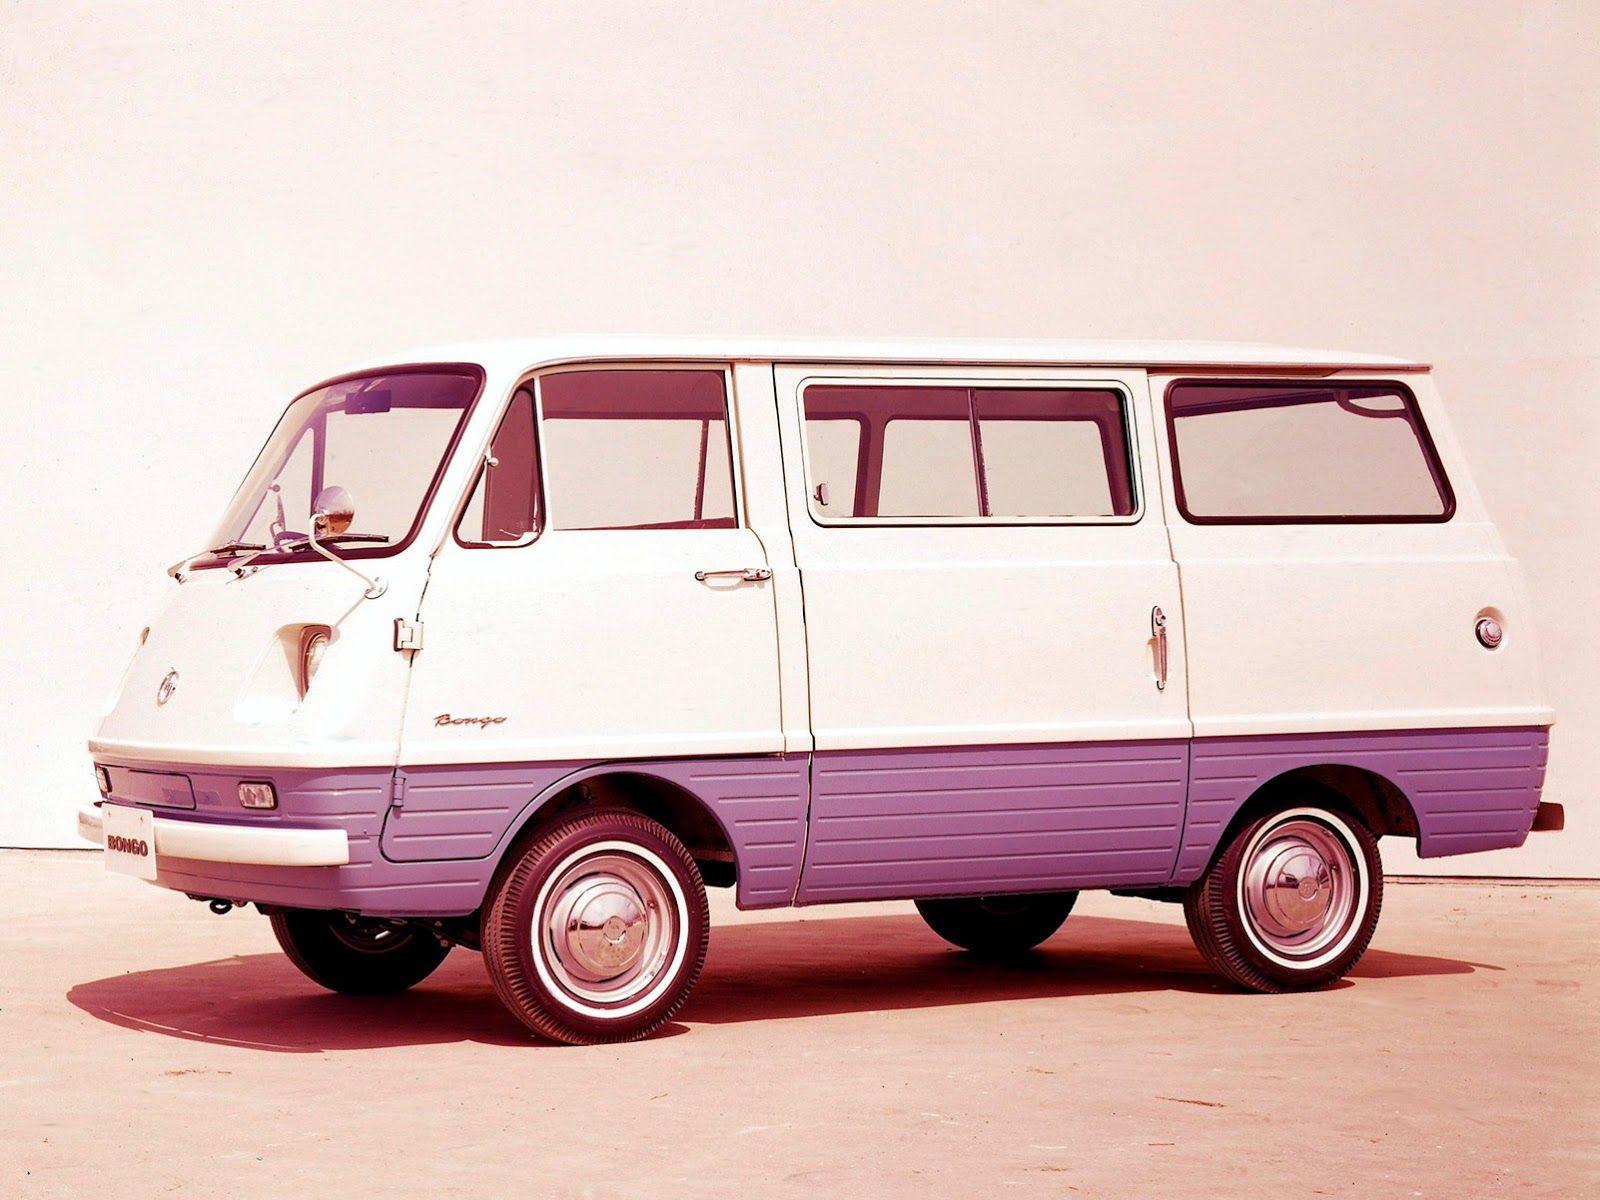 Show Us Your Favorite Vans   Auto - Van/Bus   Mazda bongo ...